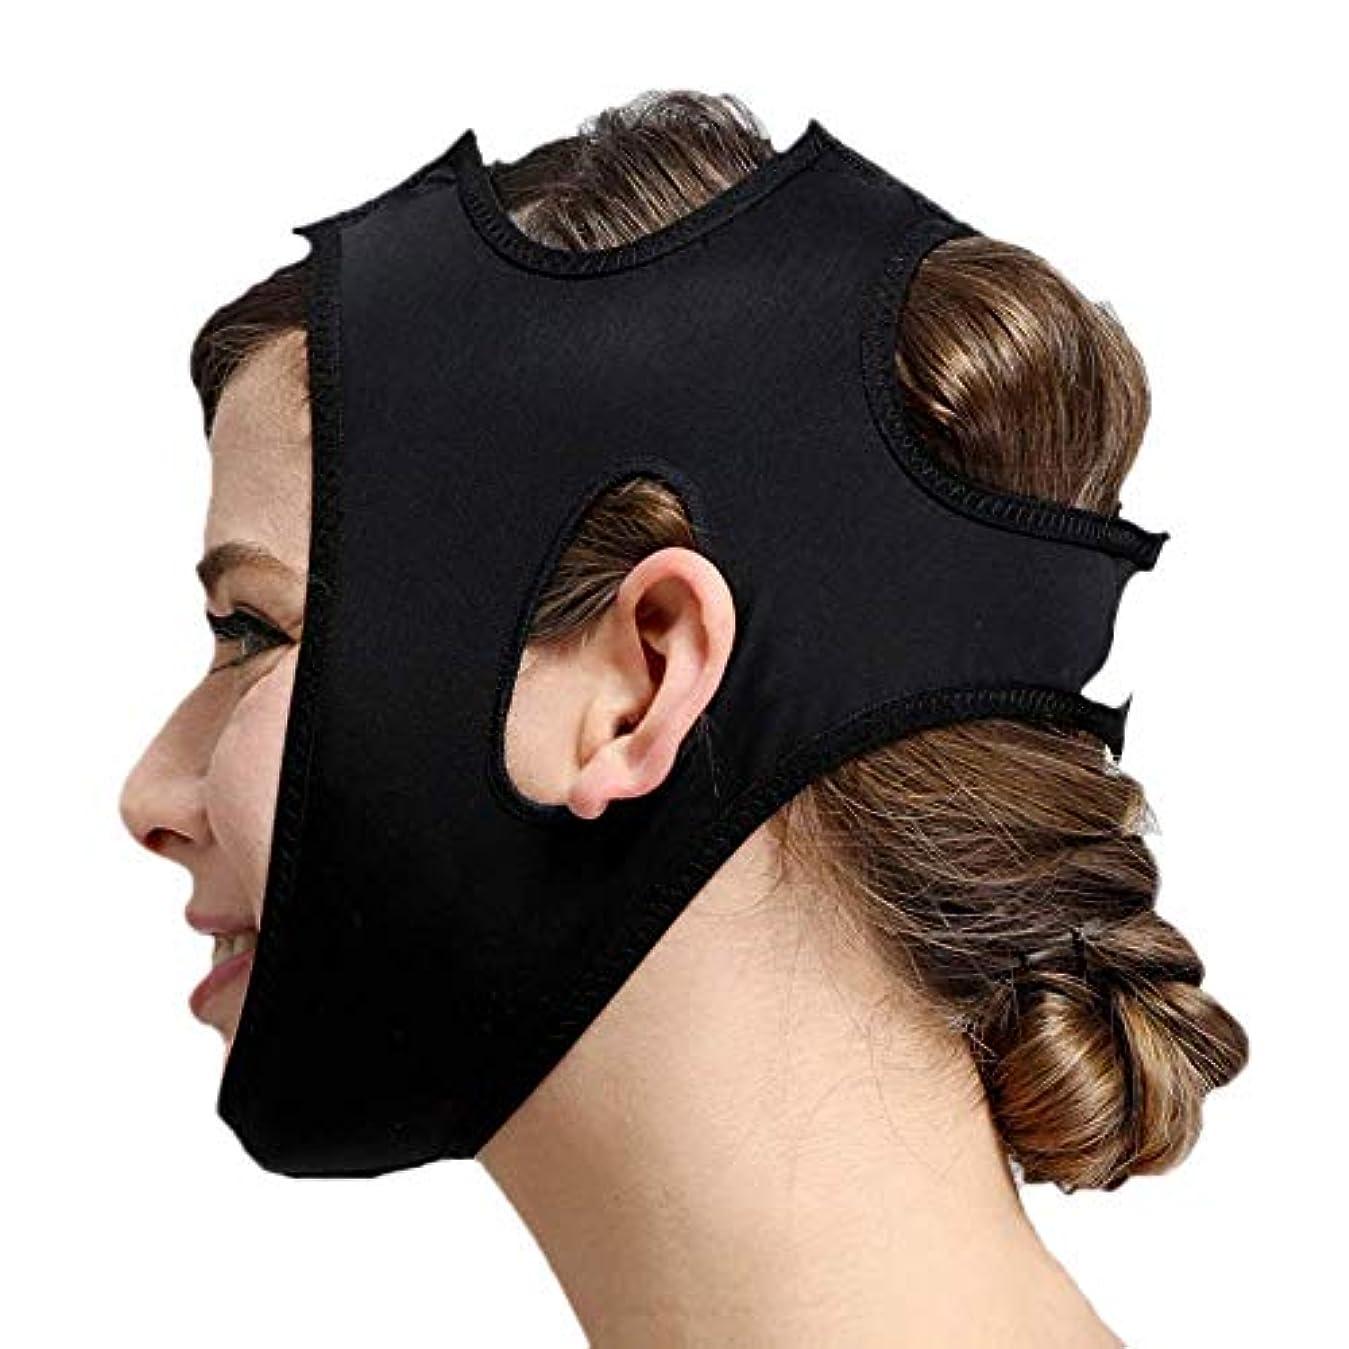 影のある繁栄看板フェイススリミングマスク、快適さと通気性、フェイシャルリフティング、輪郭の改善された硬さ、ファーミングとリフティングフェイス(カラー:ブラック、サイズ:XL),黒、L